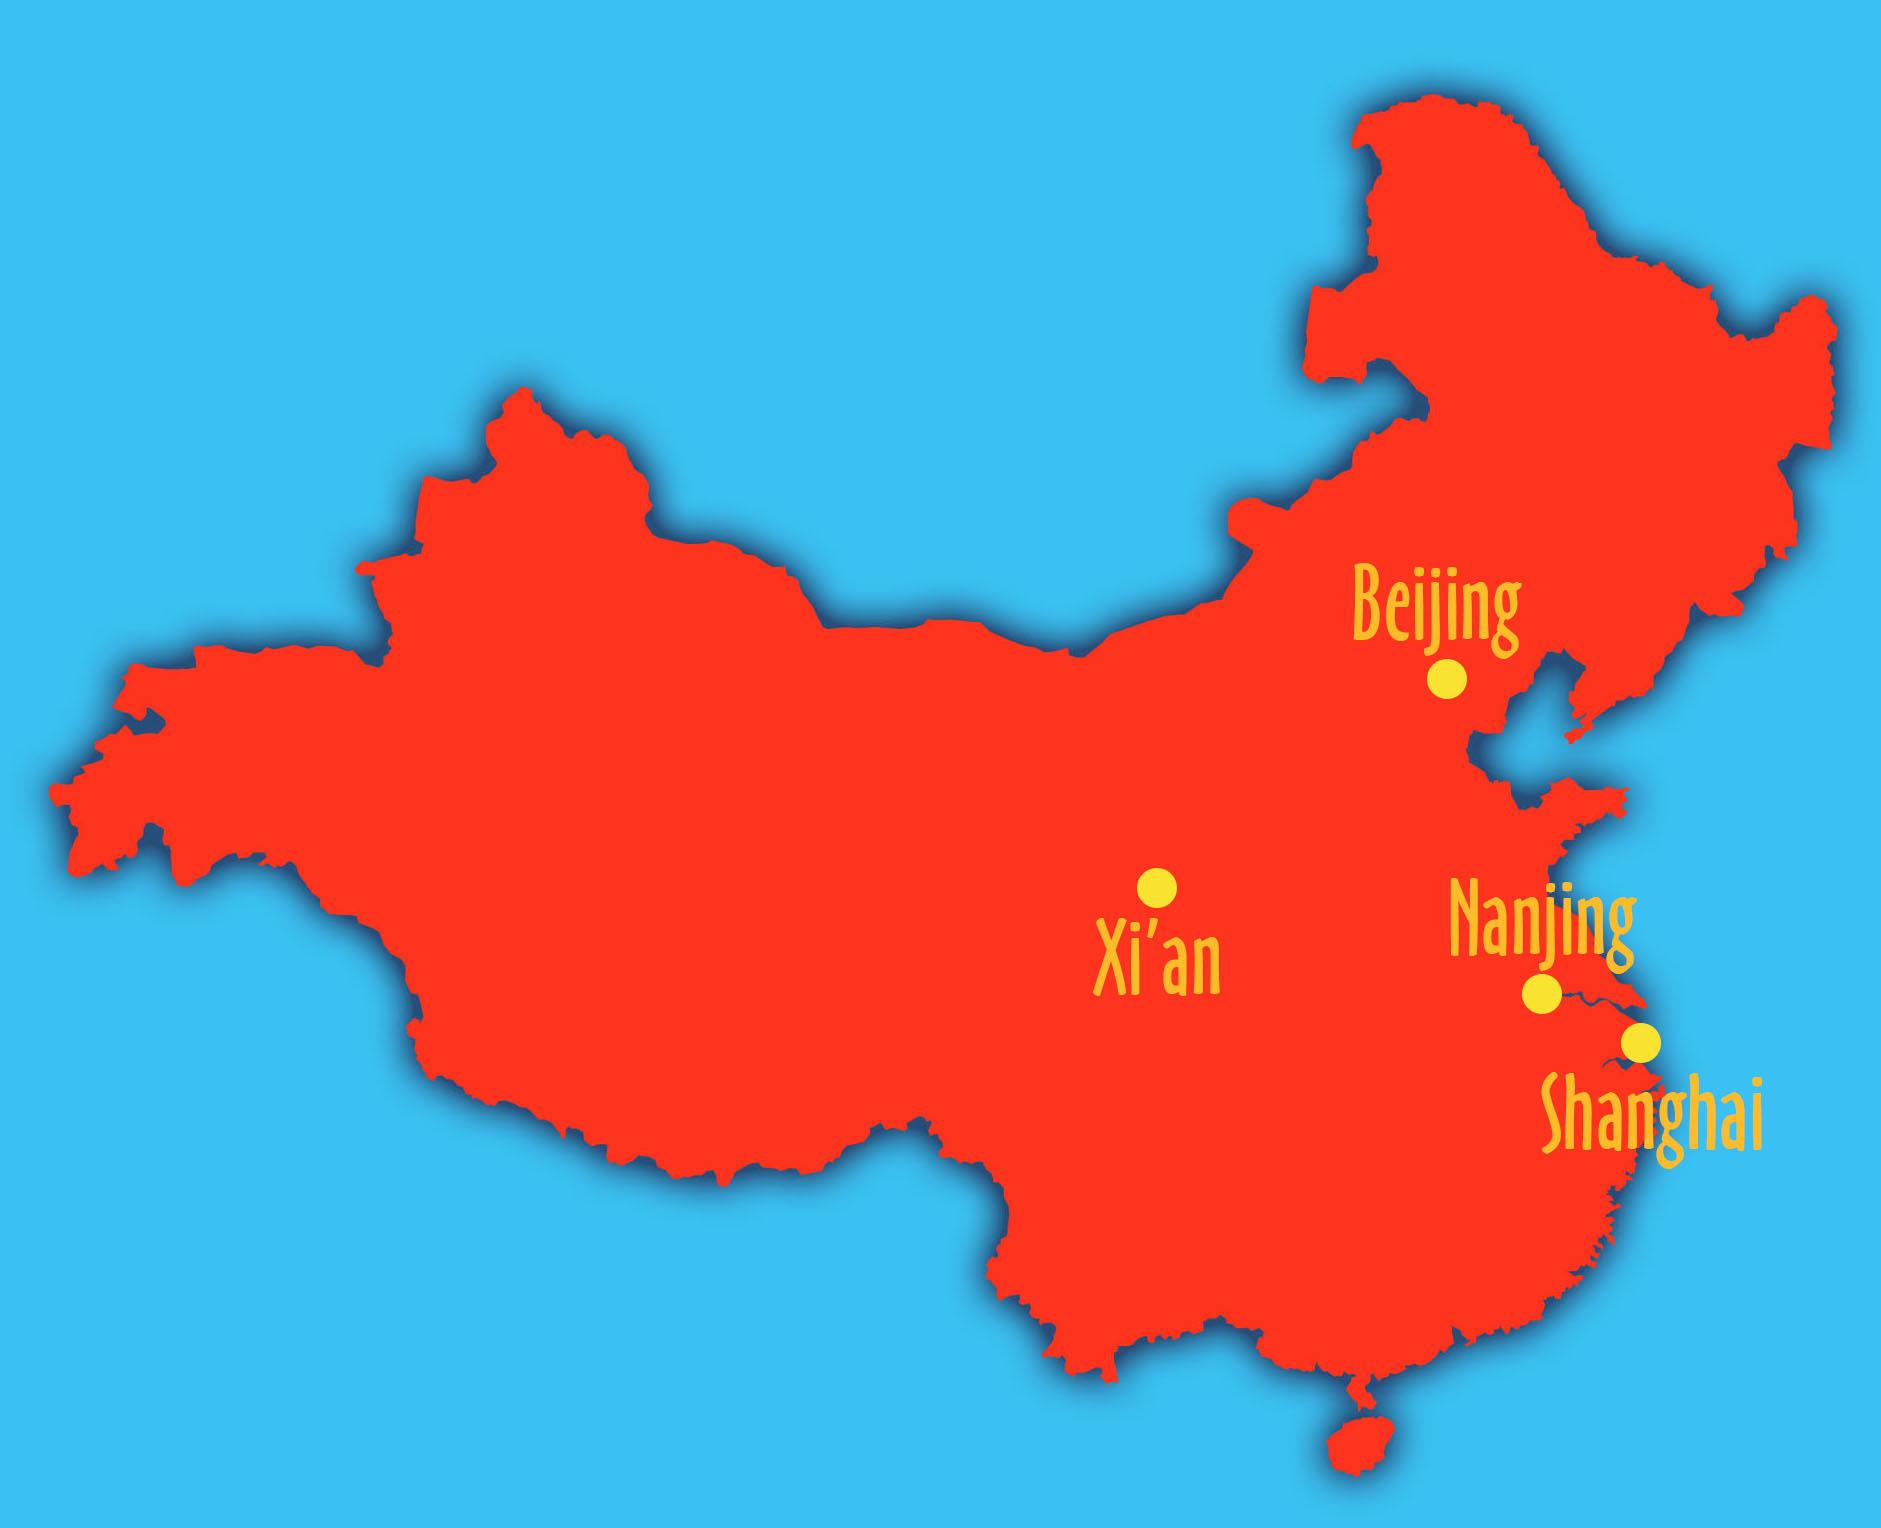 C_China_map_cities.jpg